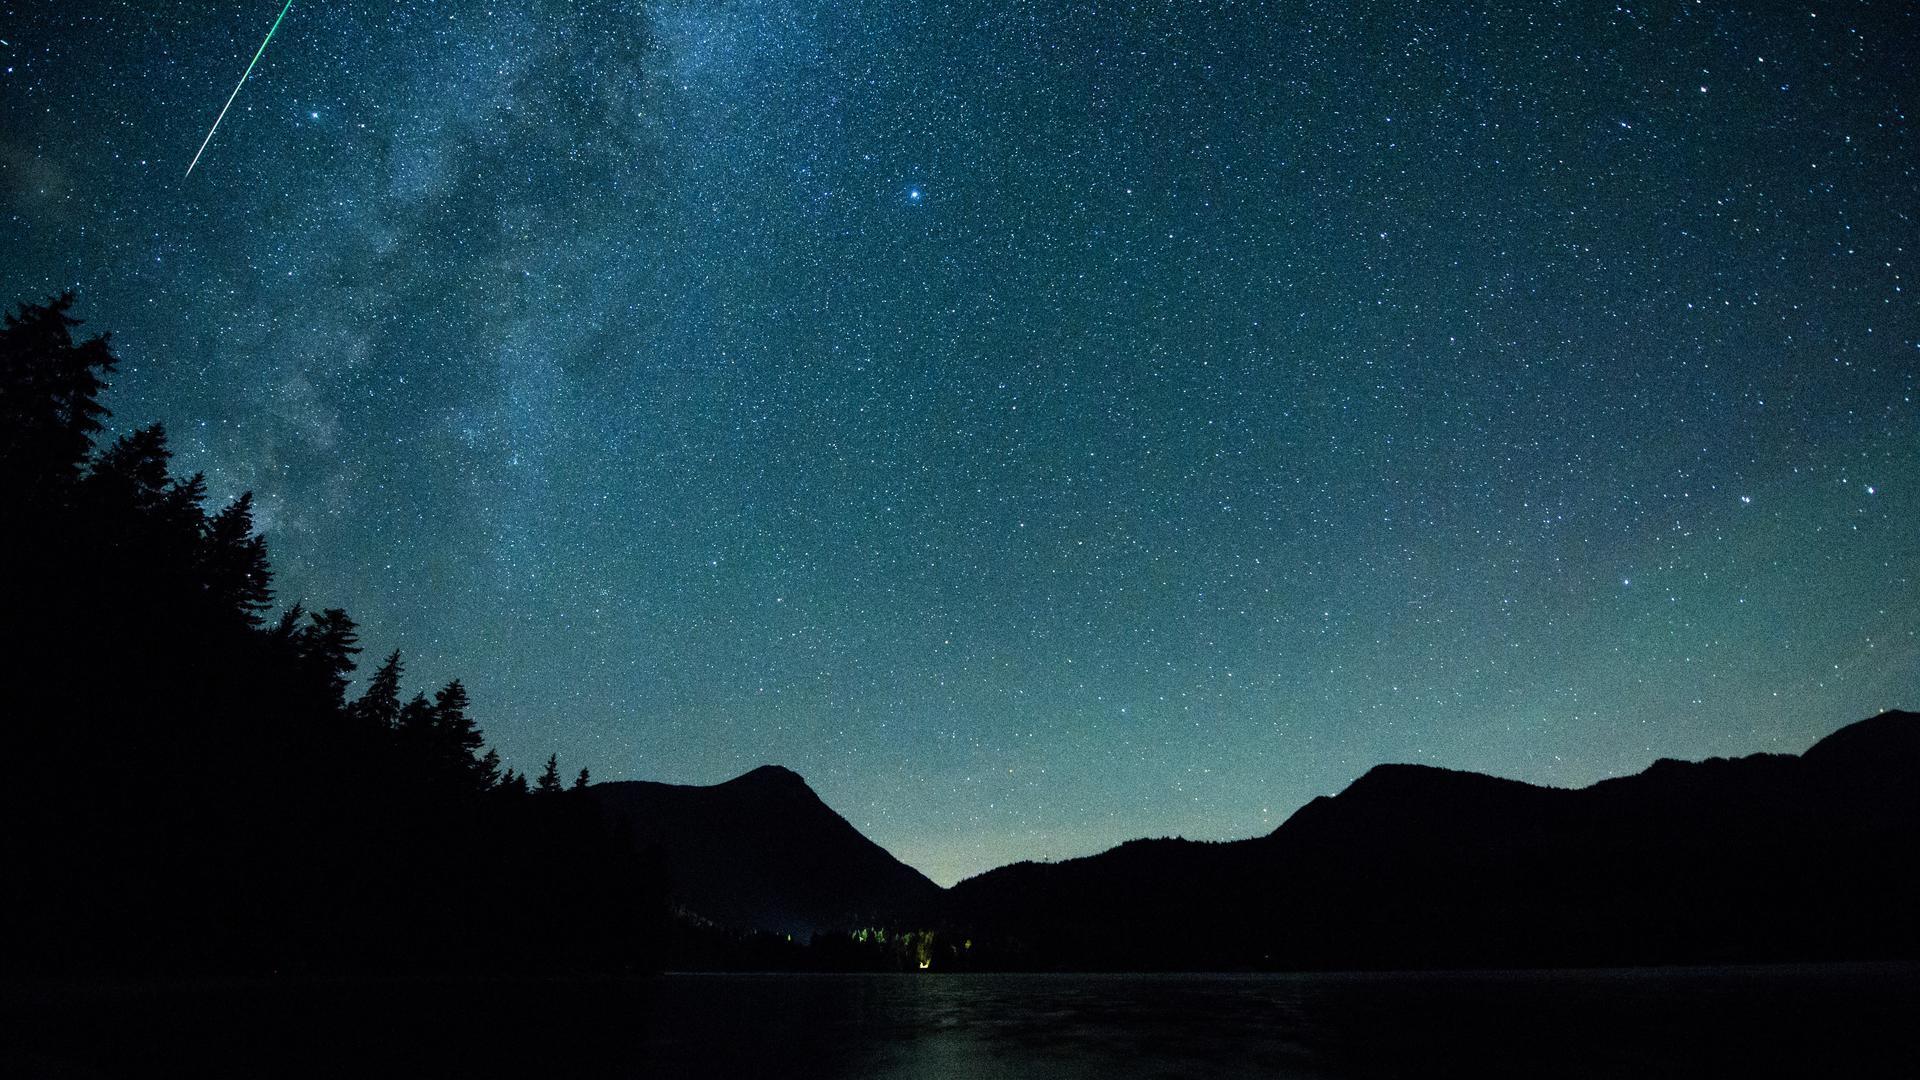 Eine Sternschnuppe leuchtet neben der Milchstraße am Himmel über dem Walchensee. Jedes Jahr im August sind im Sternschnuppenstrom der Perseiden zahlreiche Sternschnuppen zu sehen.